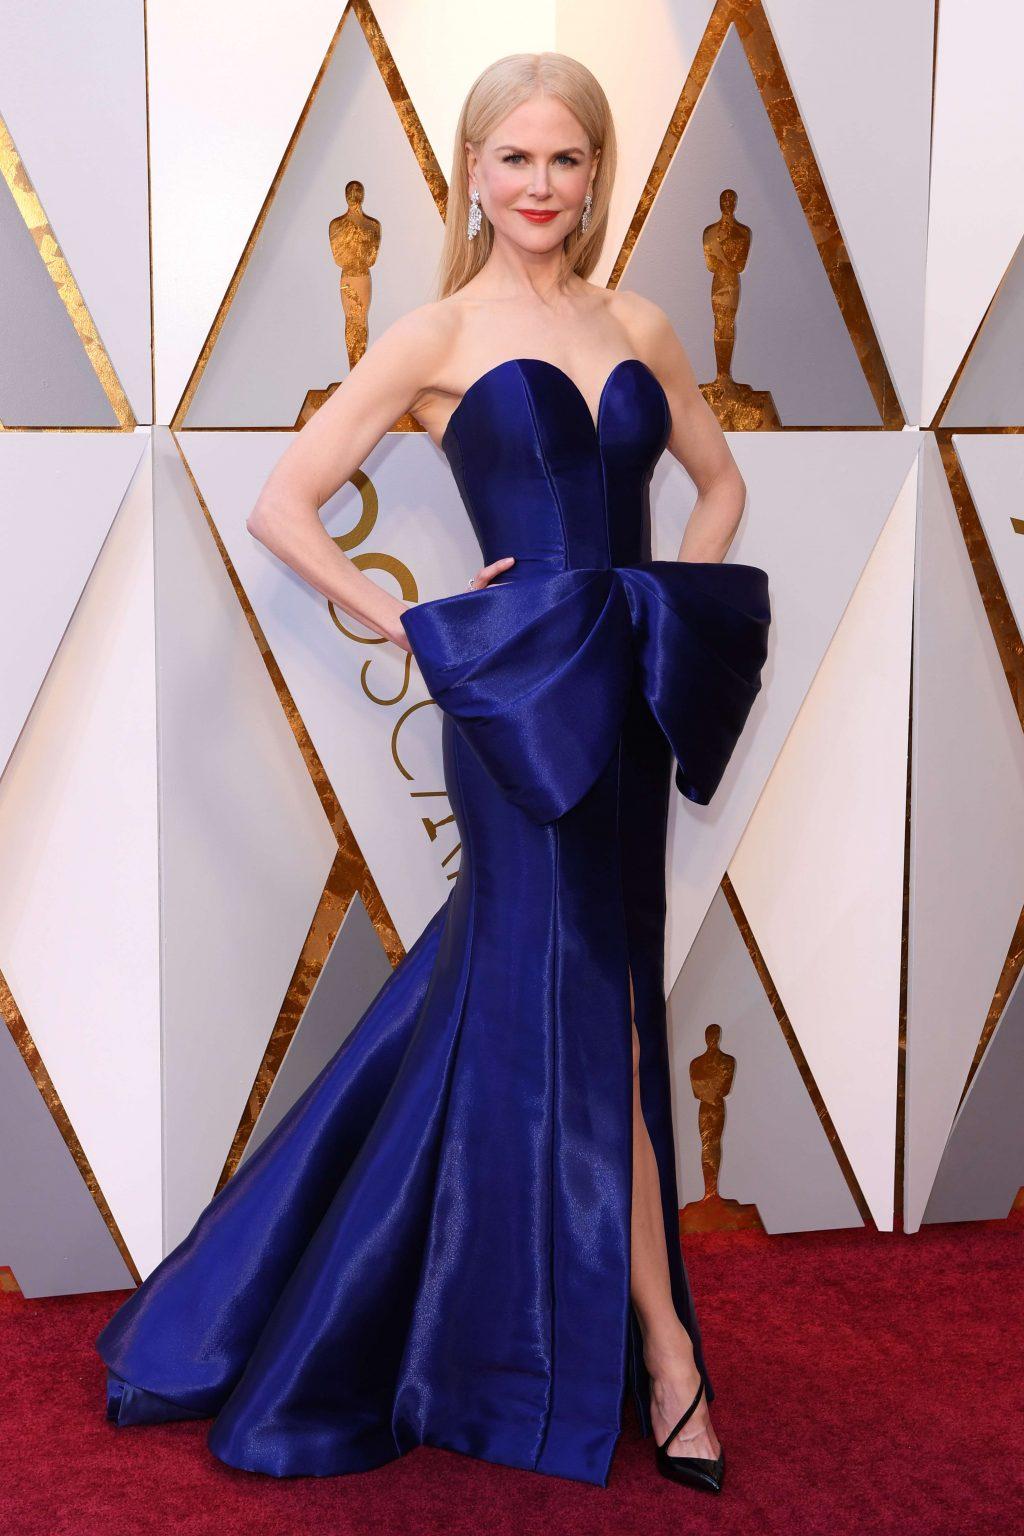 Bí mật đằng sau những bộ cánh lộng lẫy trên thảm đỏ Oscar